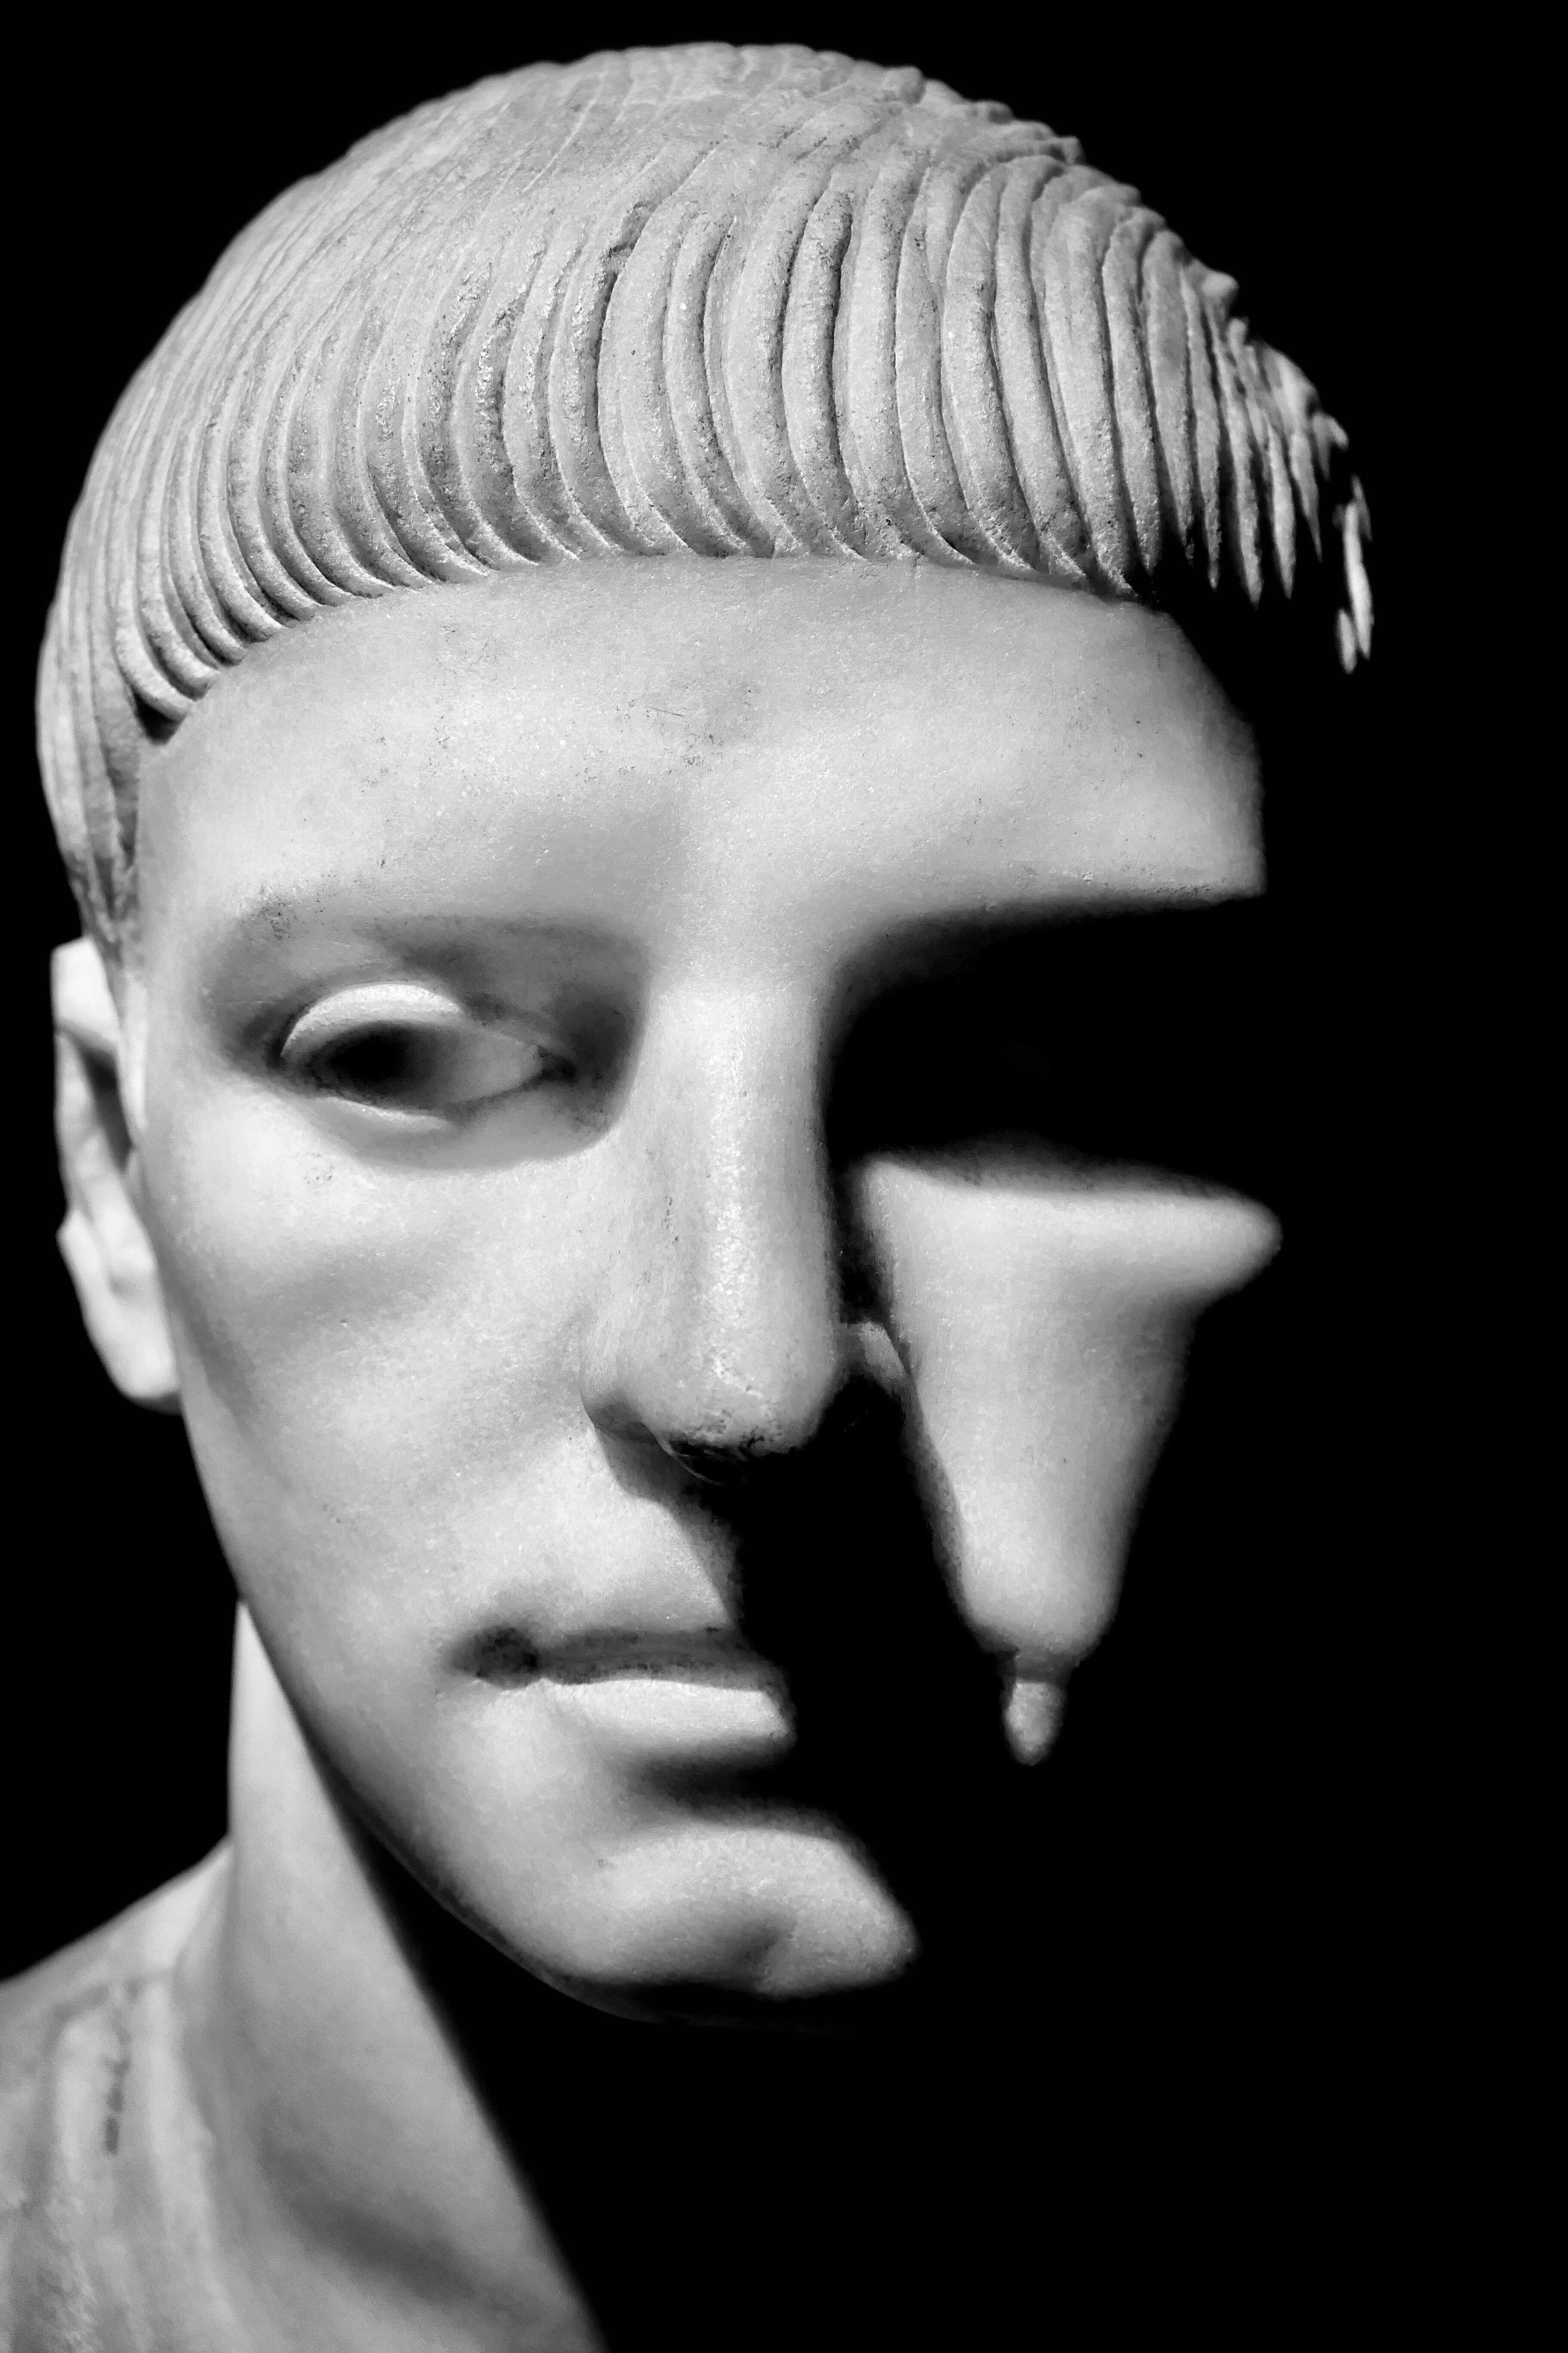 Gesicht.Skulptur.jpg